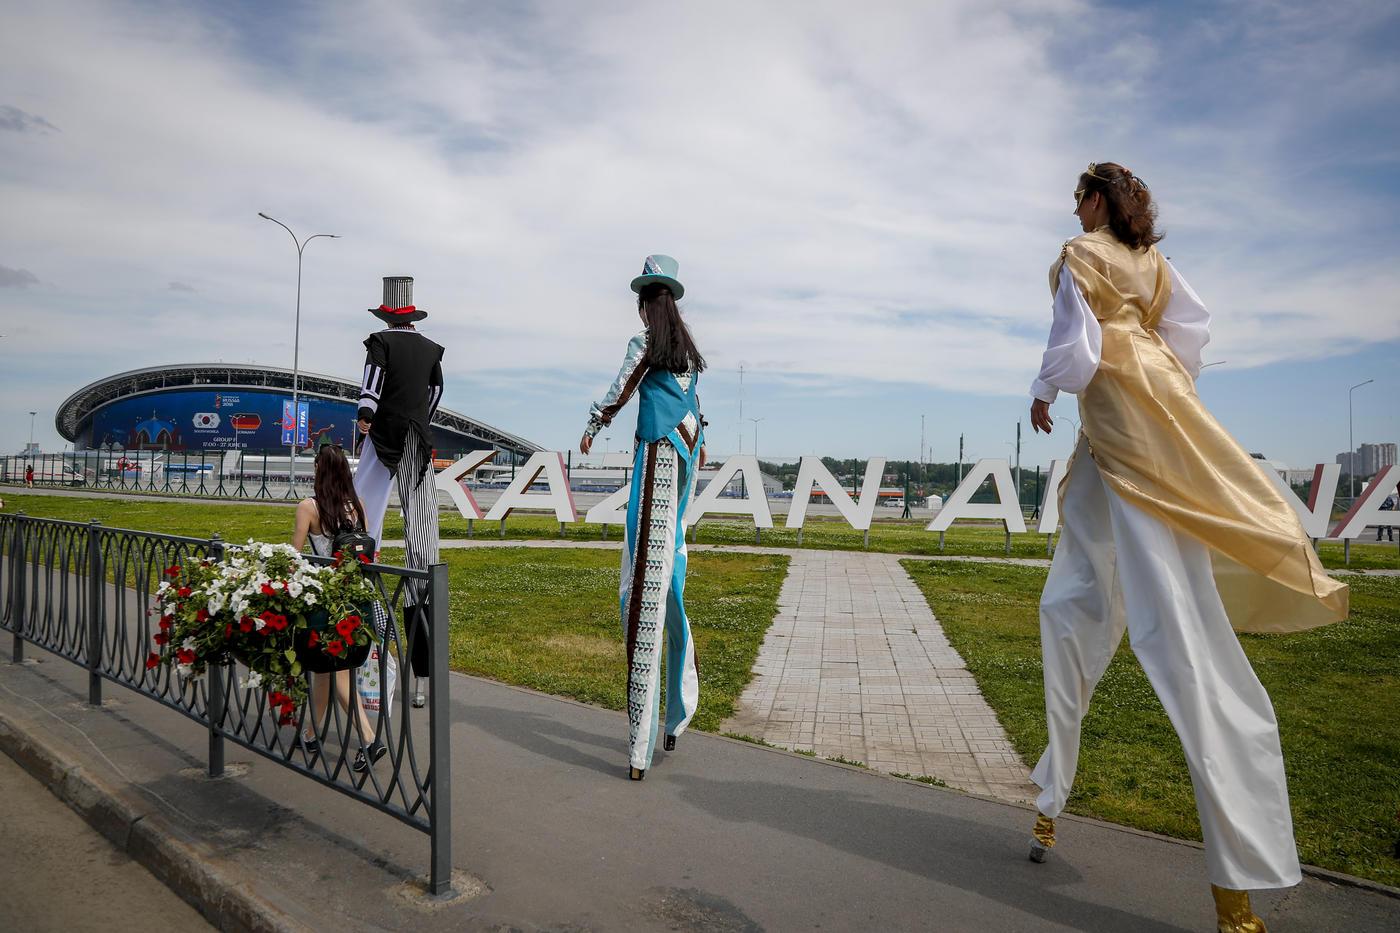 Почему стадион в Ростове заполняется, а в Казани и Саранске – нет? Так сложилось исторически - фото